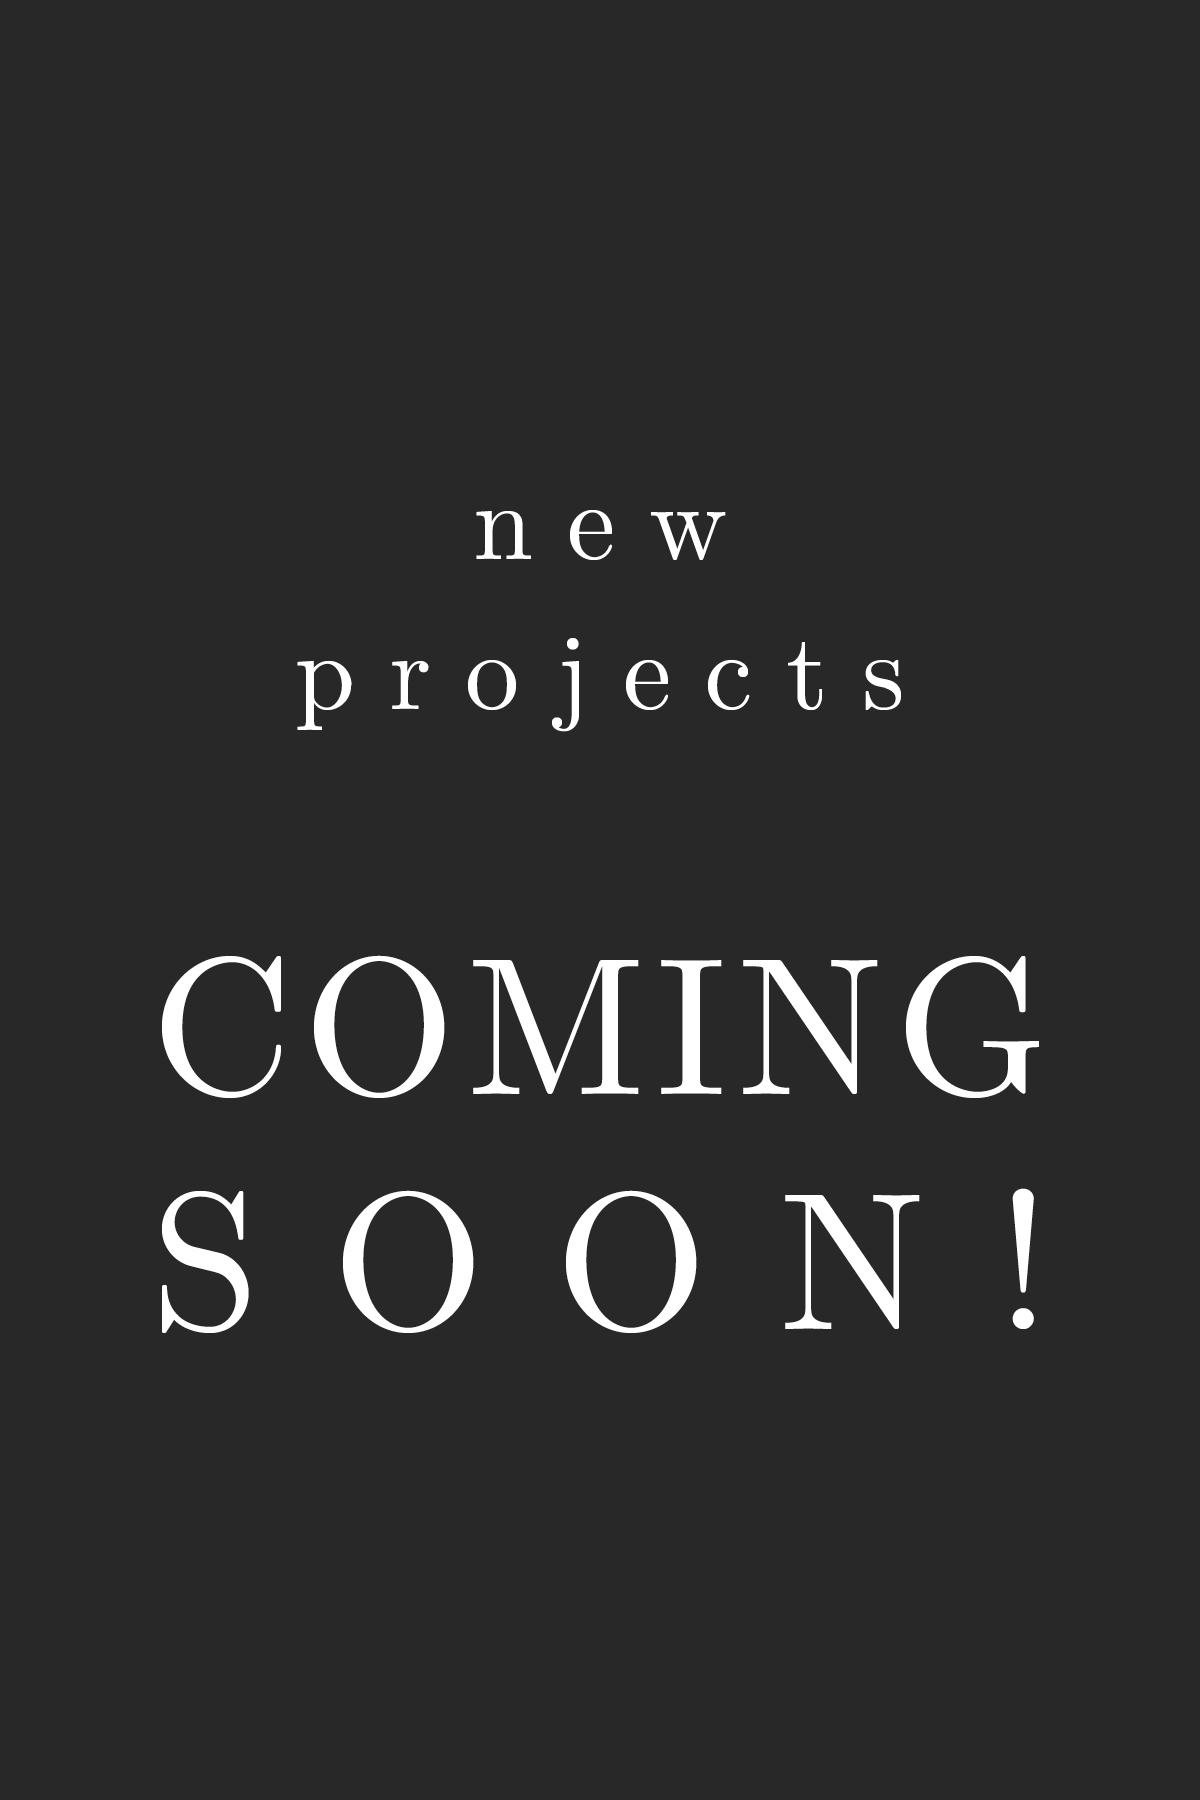 Coming Soon! .jpg